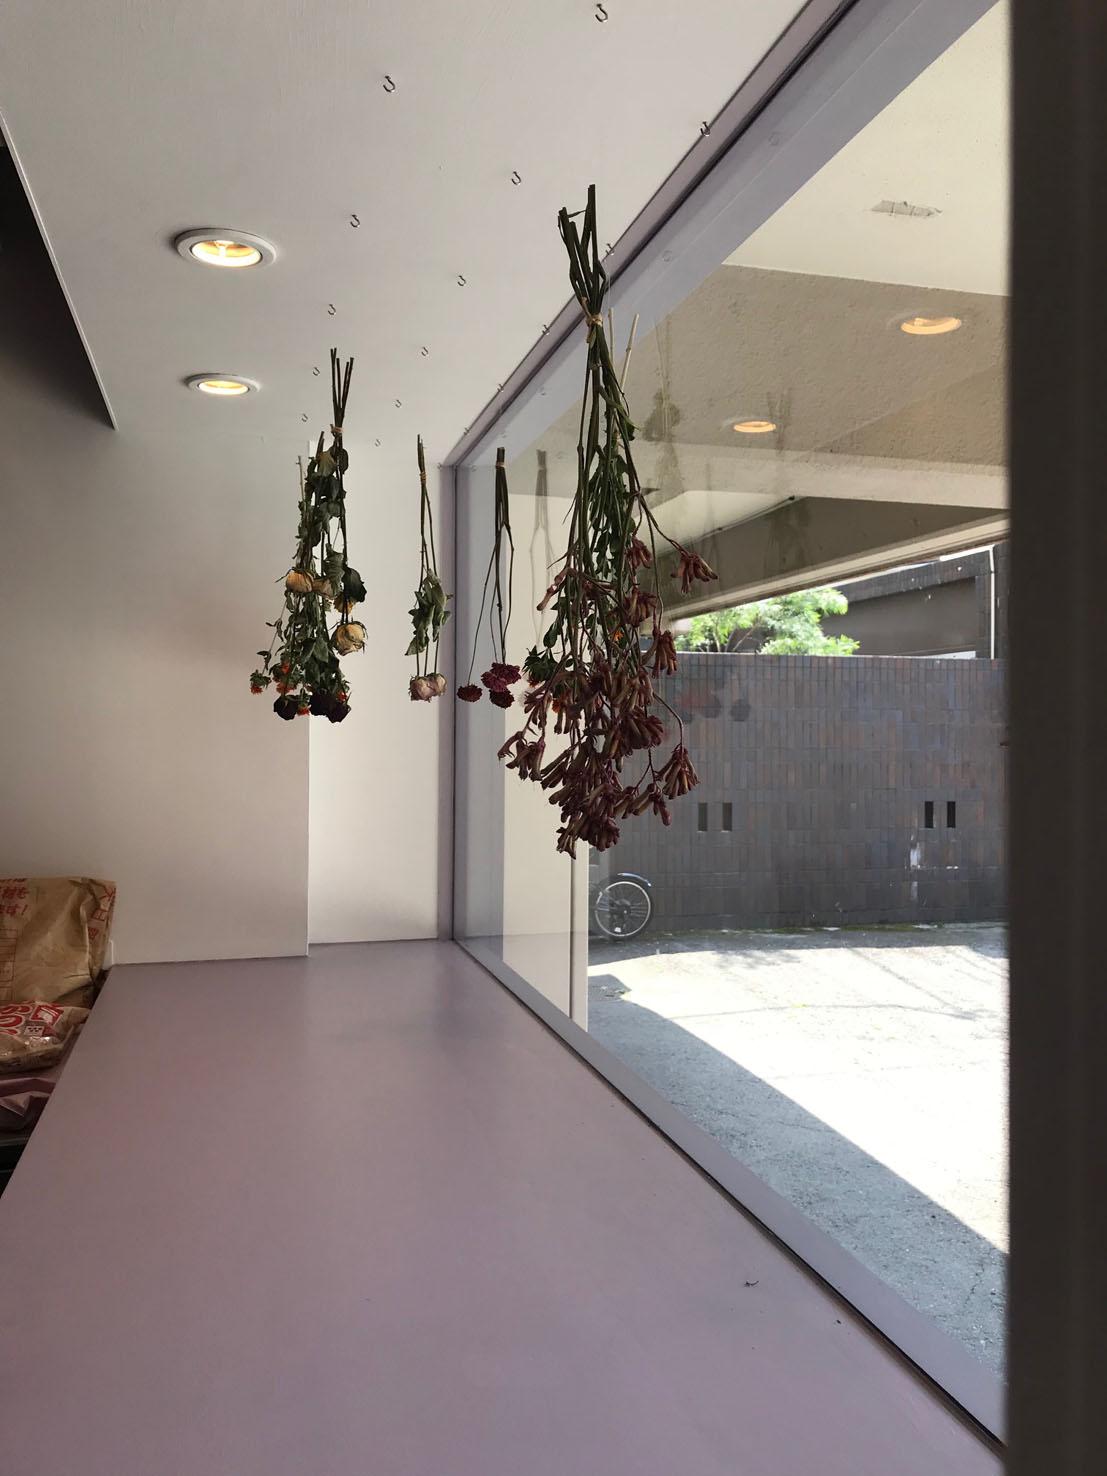 店舗デザイン インテリアデザイン shopdesign 作家story 名古屋 本山 東京 杉並区 カフェデザイン 飲食店デザイン